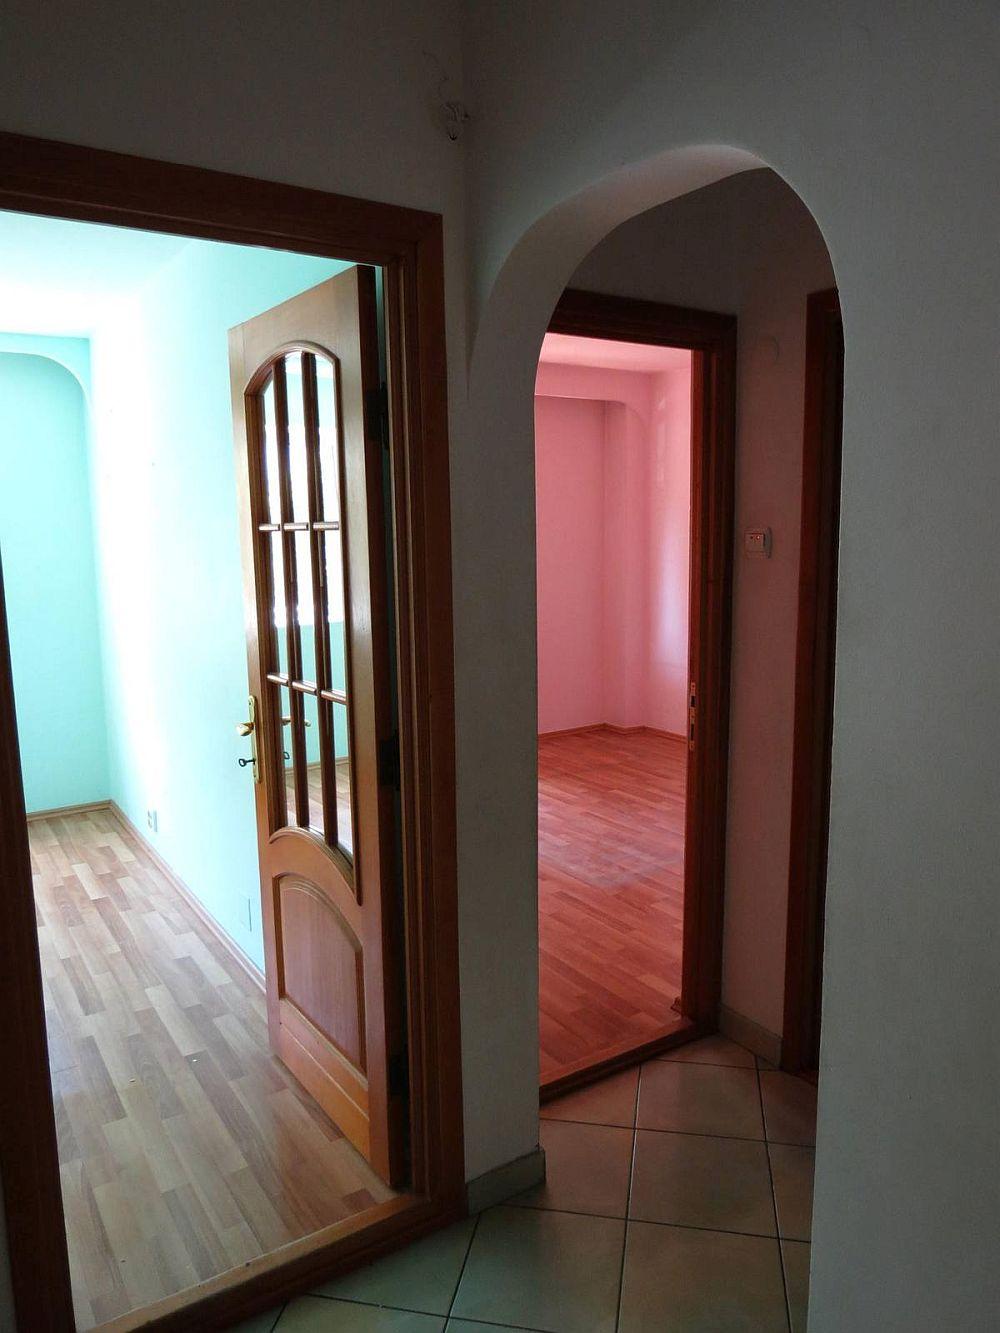 La cumpărarea locuinței fiecare cameră avea altă culoare pepereți, iar ușile erau rustice. De asemenea existau și arcade în hol.